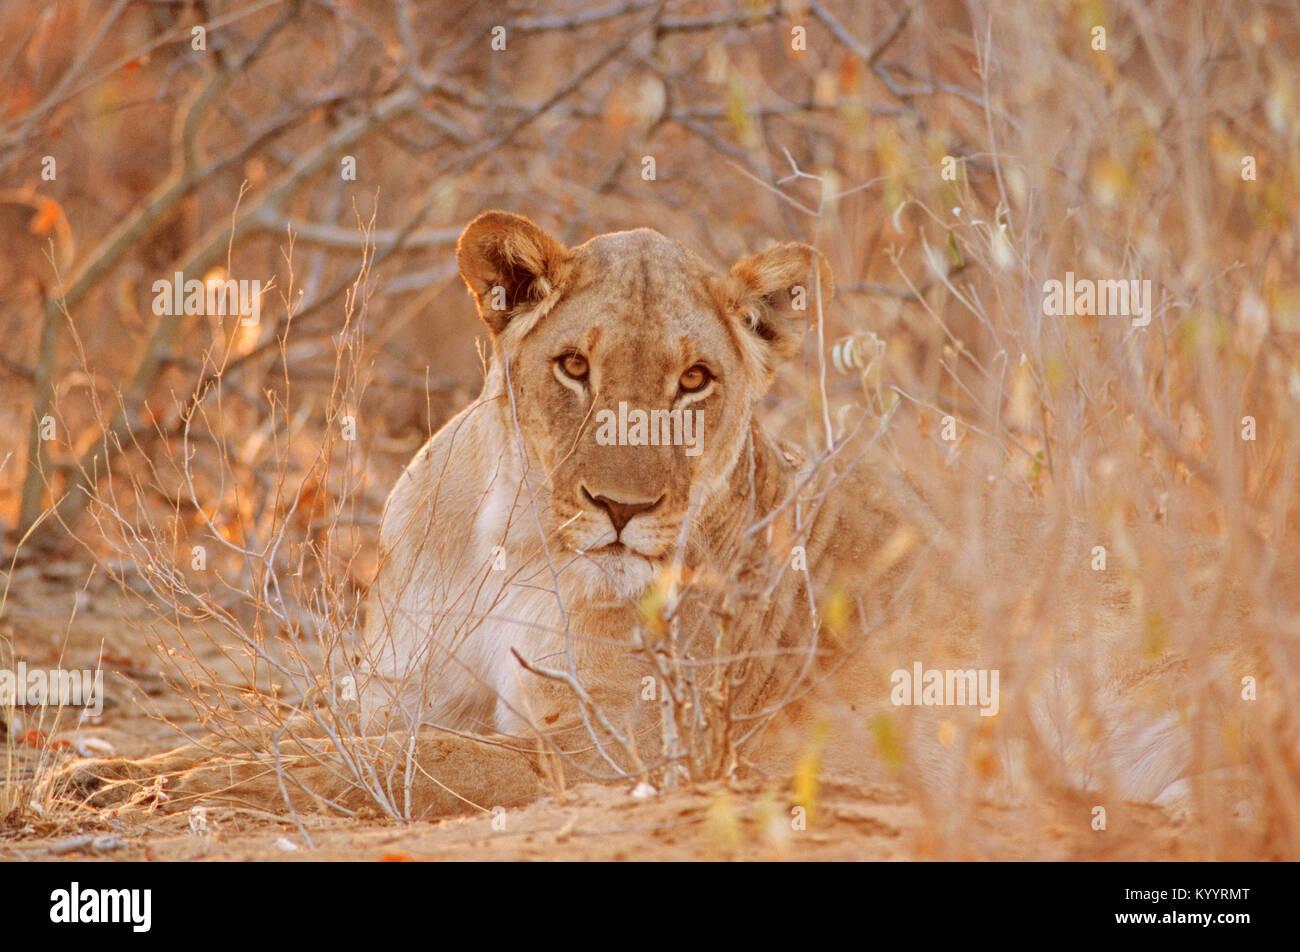 African Lion, female, Etosha national park, Namibia / (Panthera leo) | Afrikanischer Loewe, weiblich, Etosha Nationalpark, - Stock Image